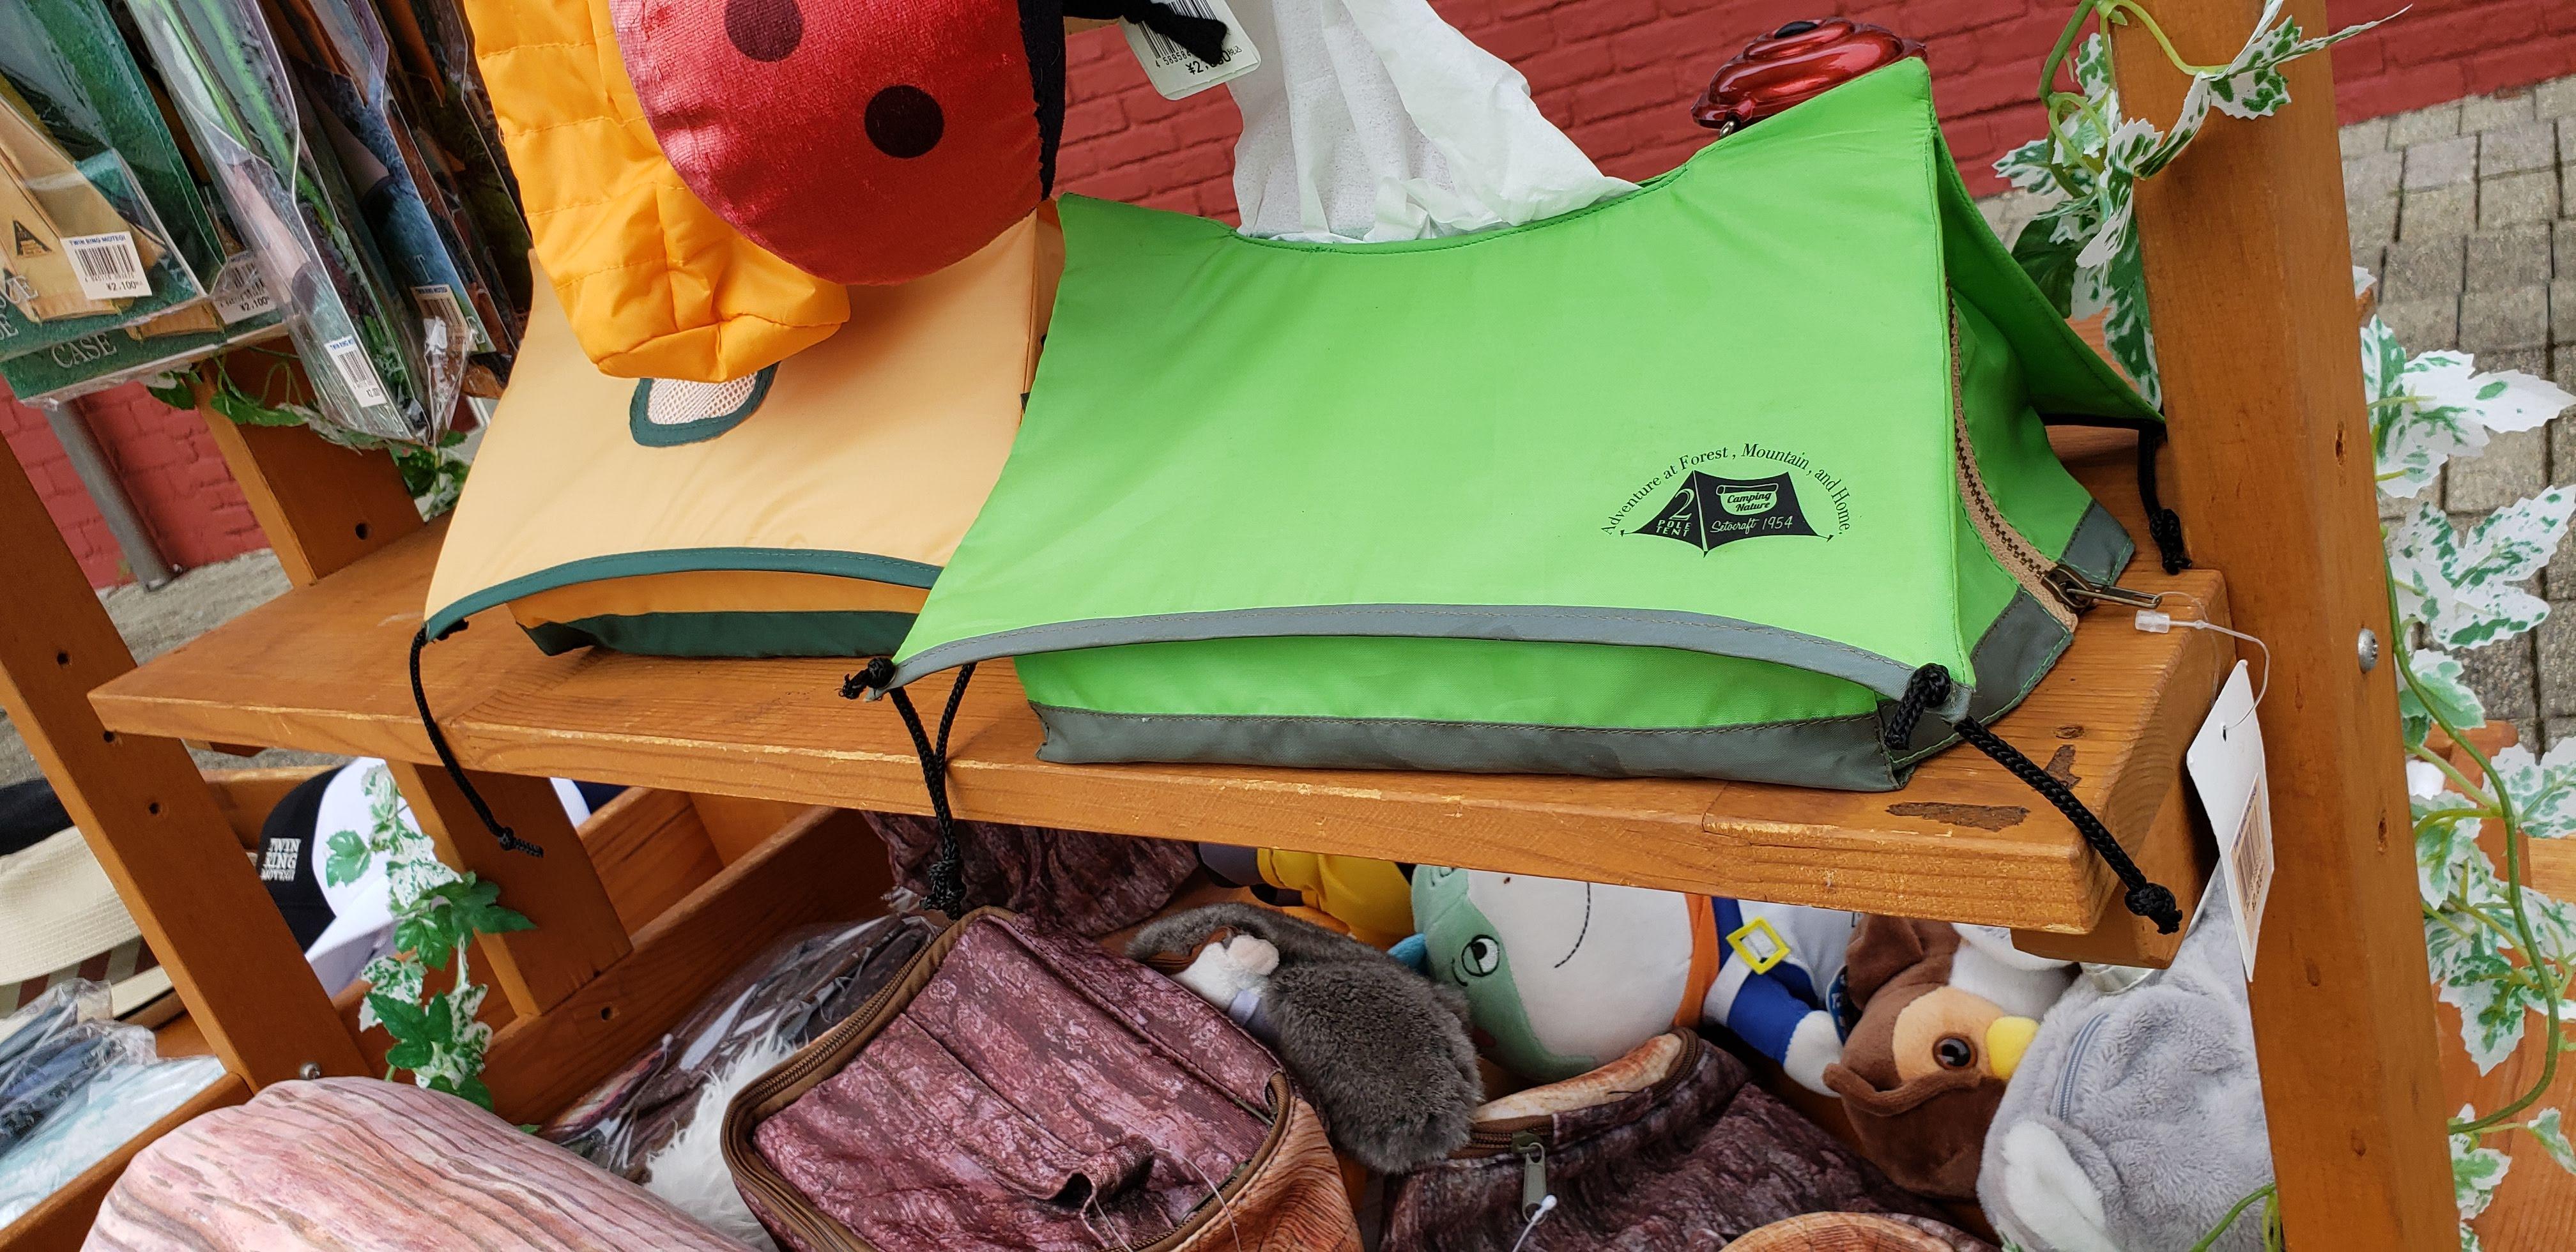 ツインリンクもてぎで見つけた癒やしのテント型ティッシュケース